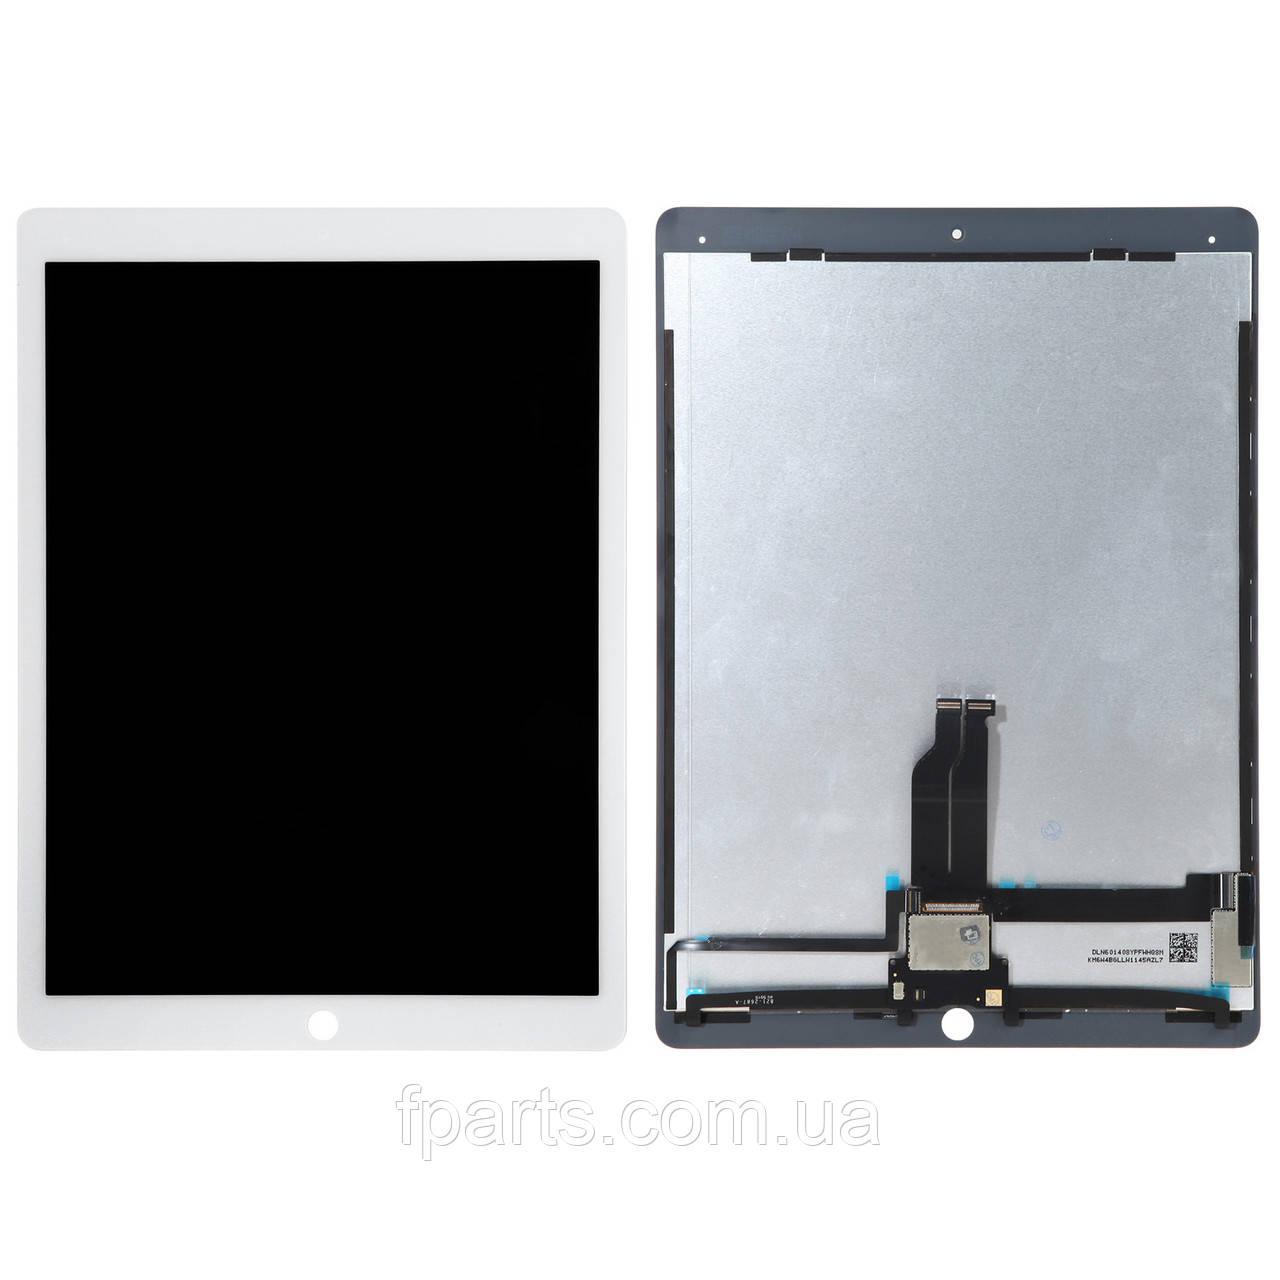 Дисплей iPad Pro 12.9 2015 (A1584, A1652) с шлейфом, White